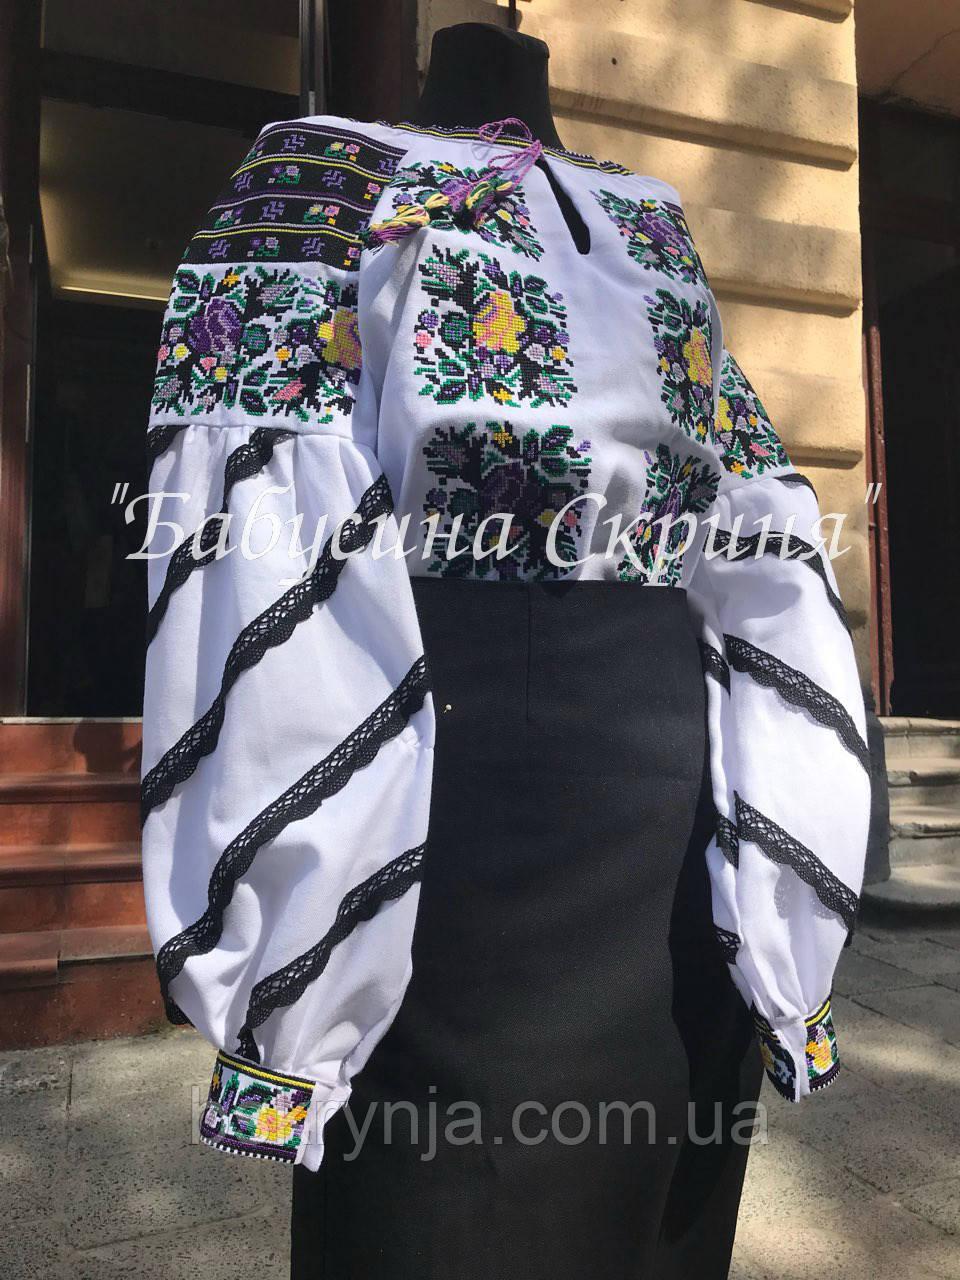 Сорочка Борщівська вишита жіноча.Вишиванка жіноча МВ-128